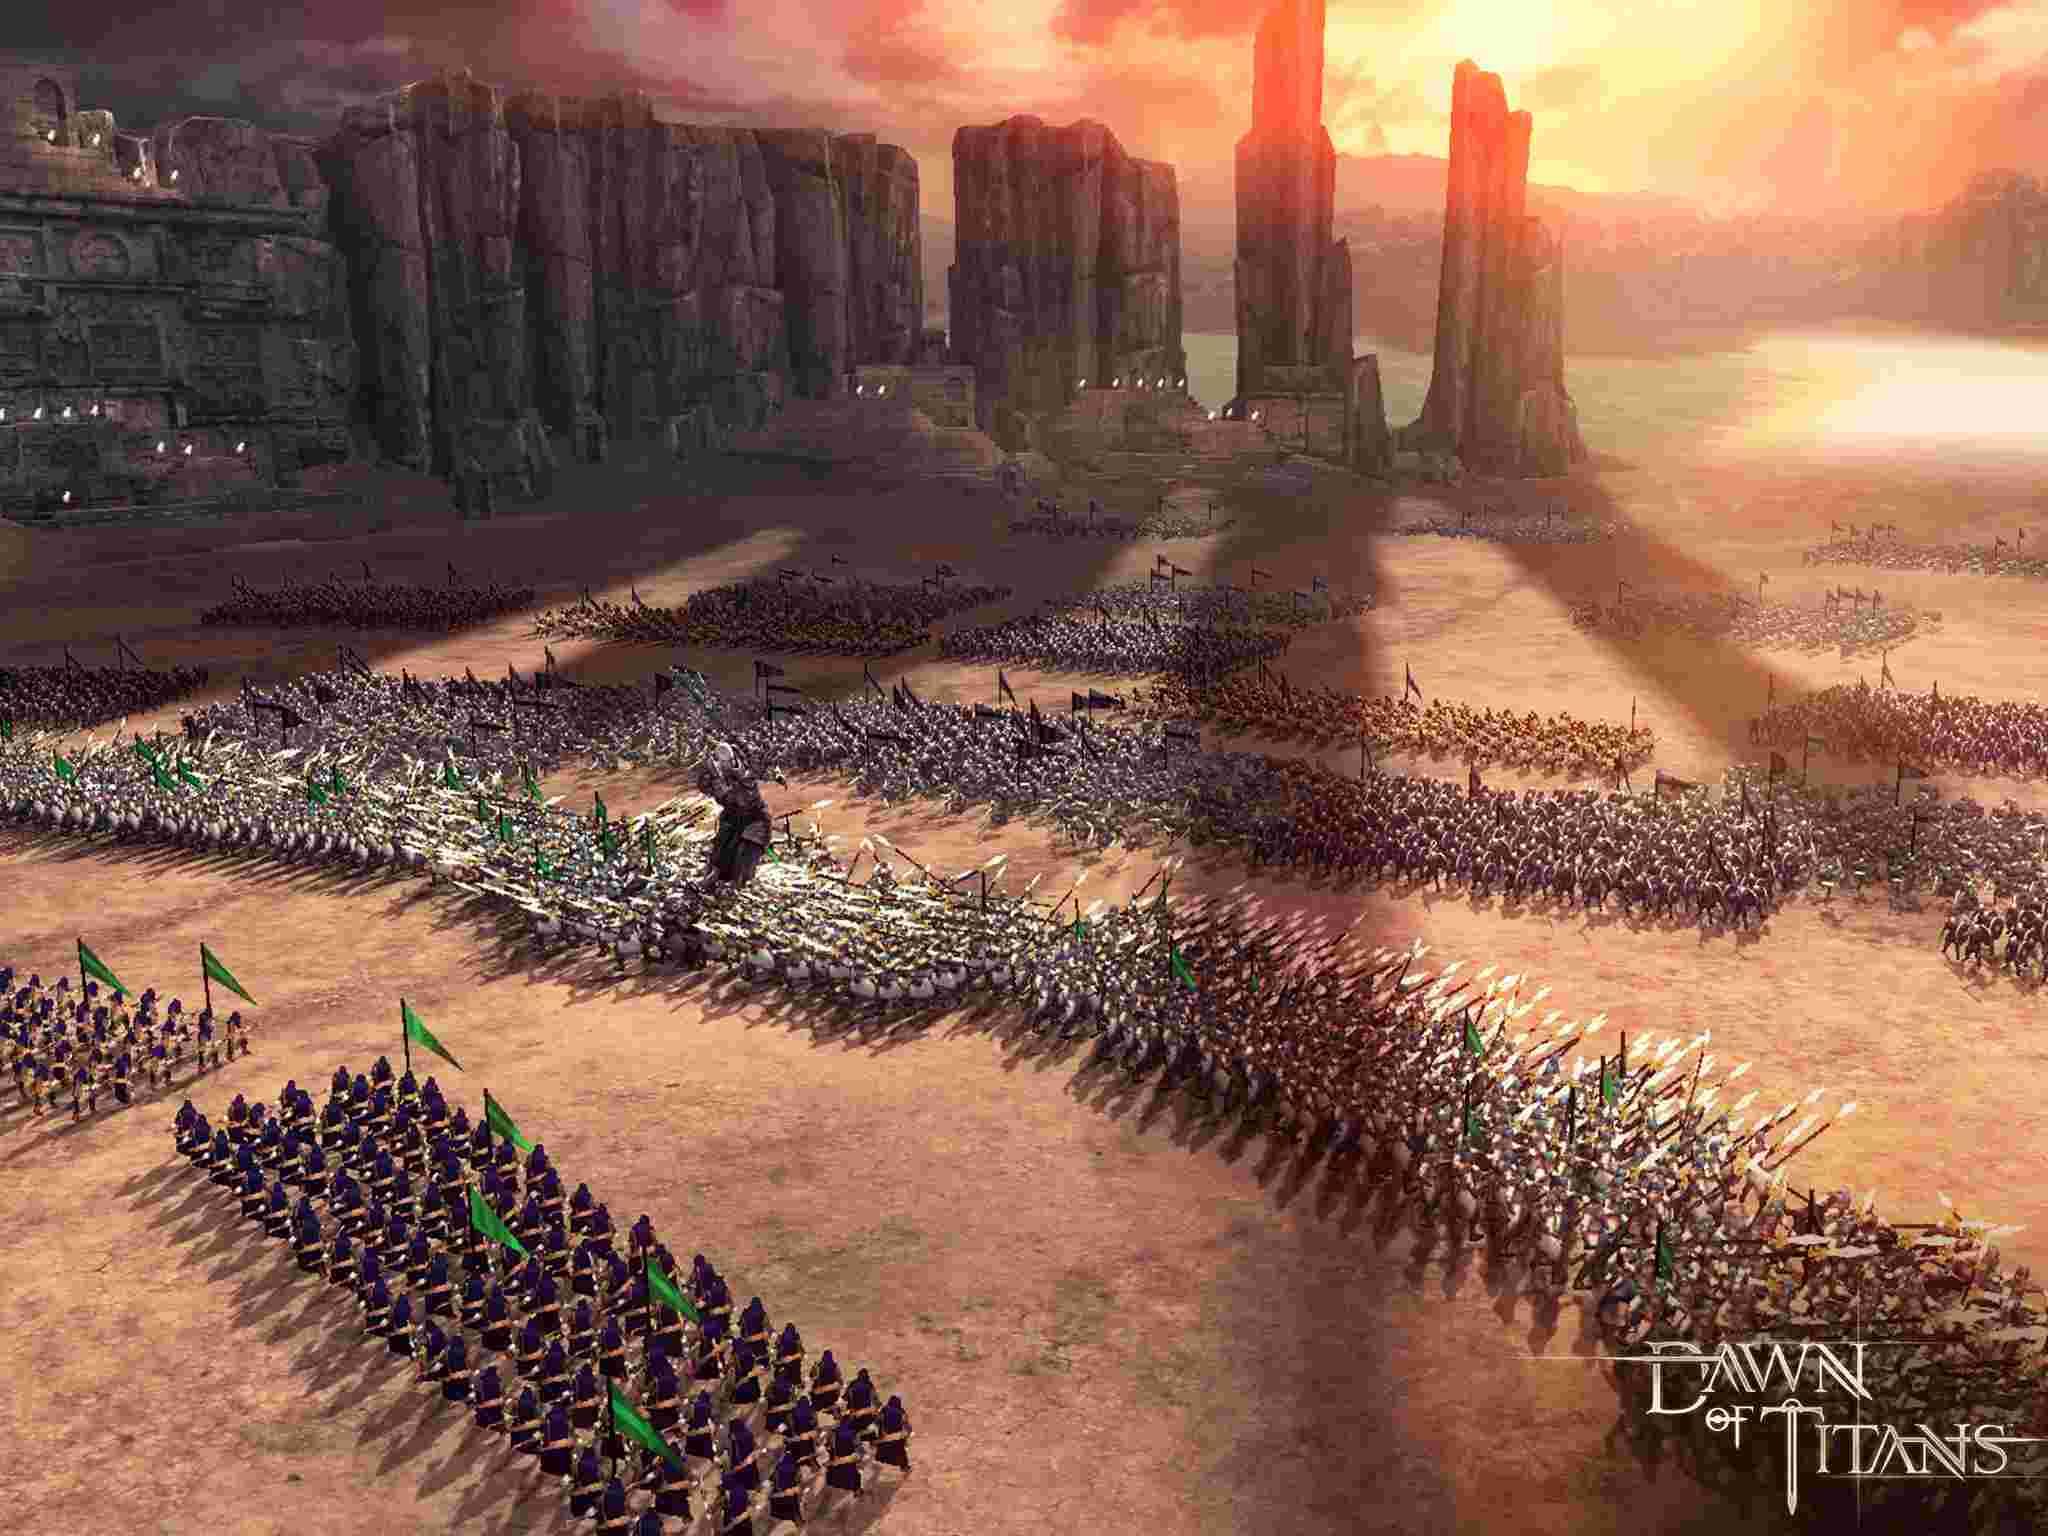 dawn-of-titans_battle-scene1